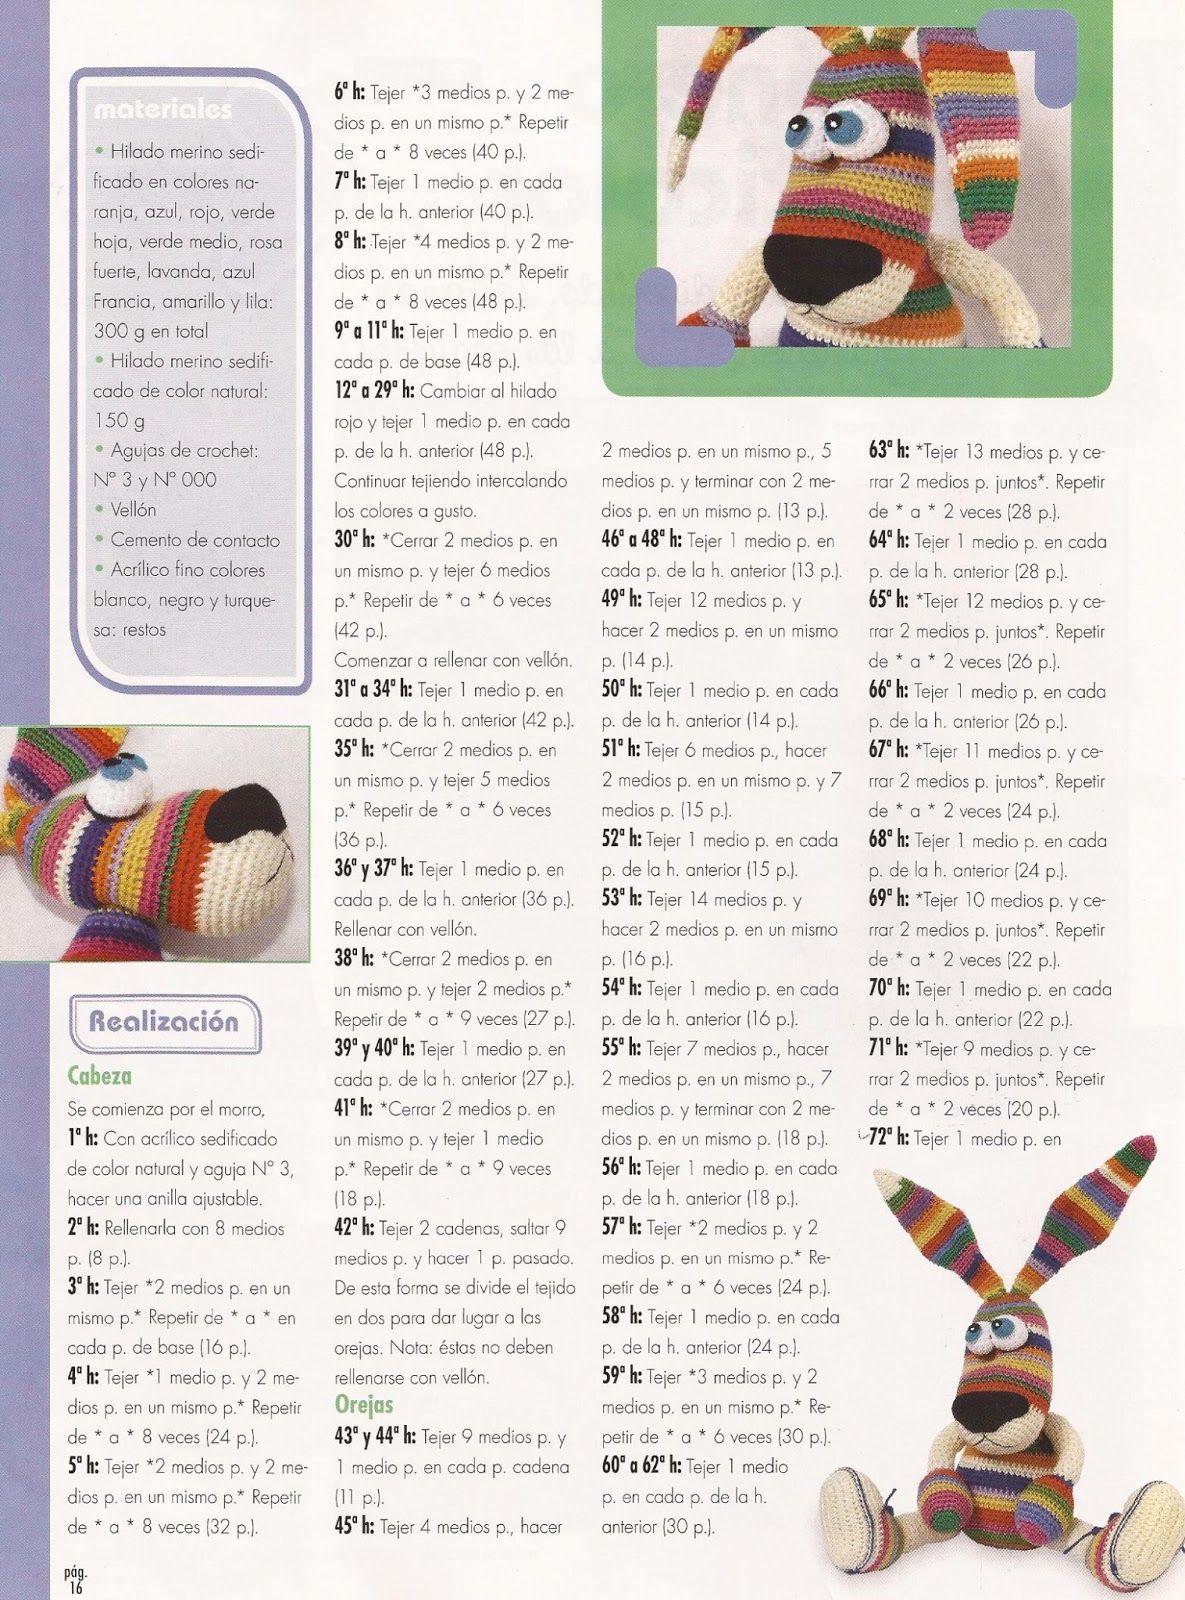 Fany Crochet: conejo colorines | perro colores en 2018 | Pinterest ...